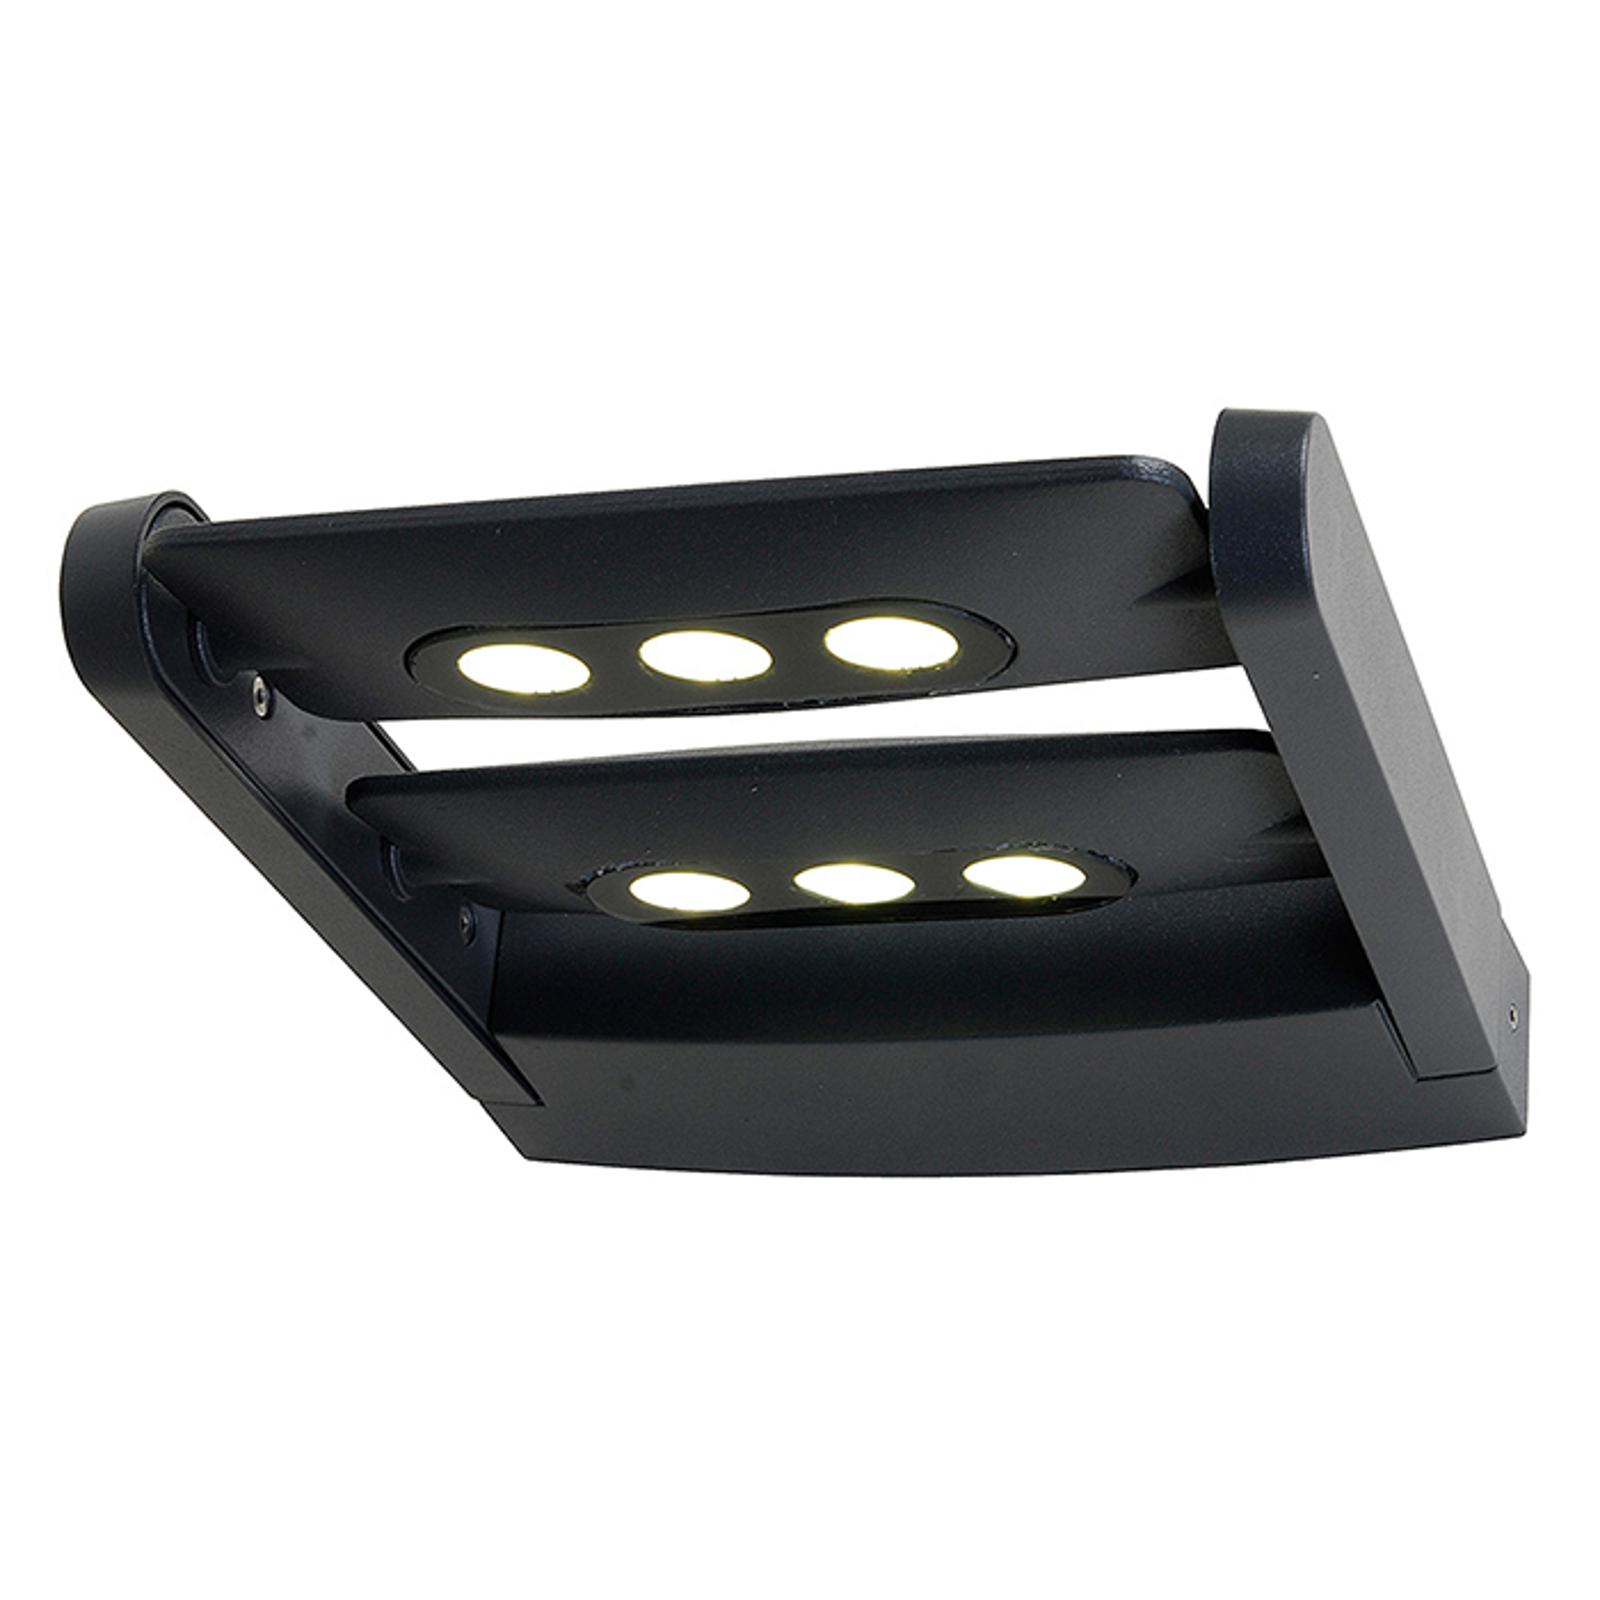 Venkovní nástěnný LED reflektor KEIRAN DUO, 6 LED